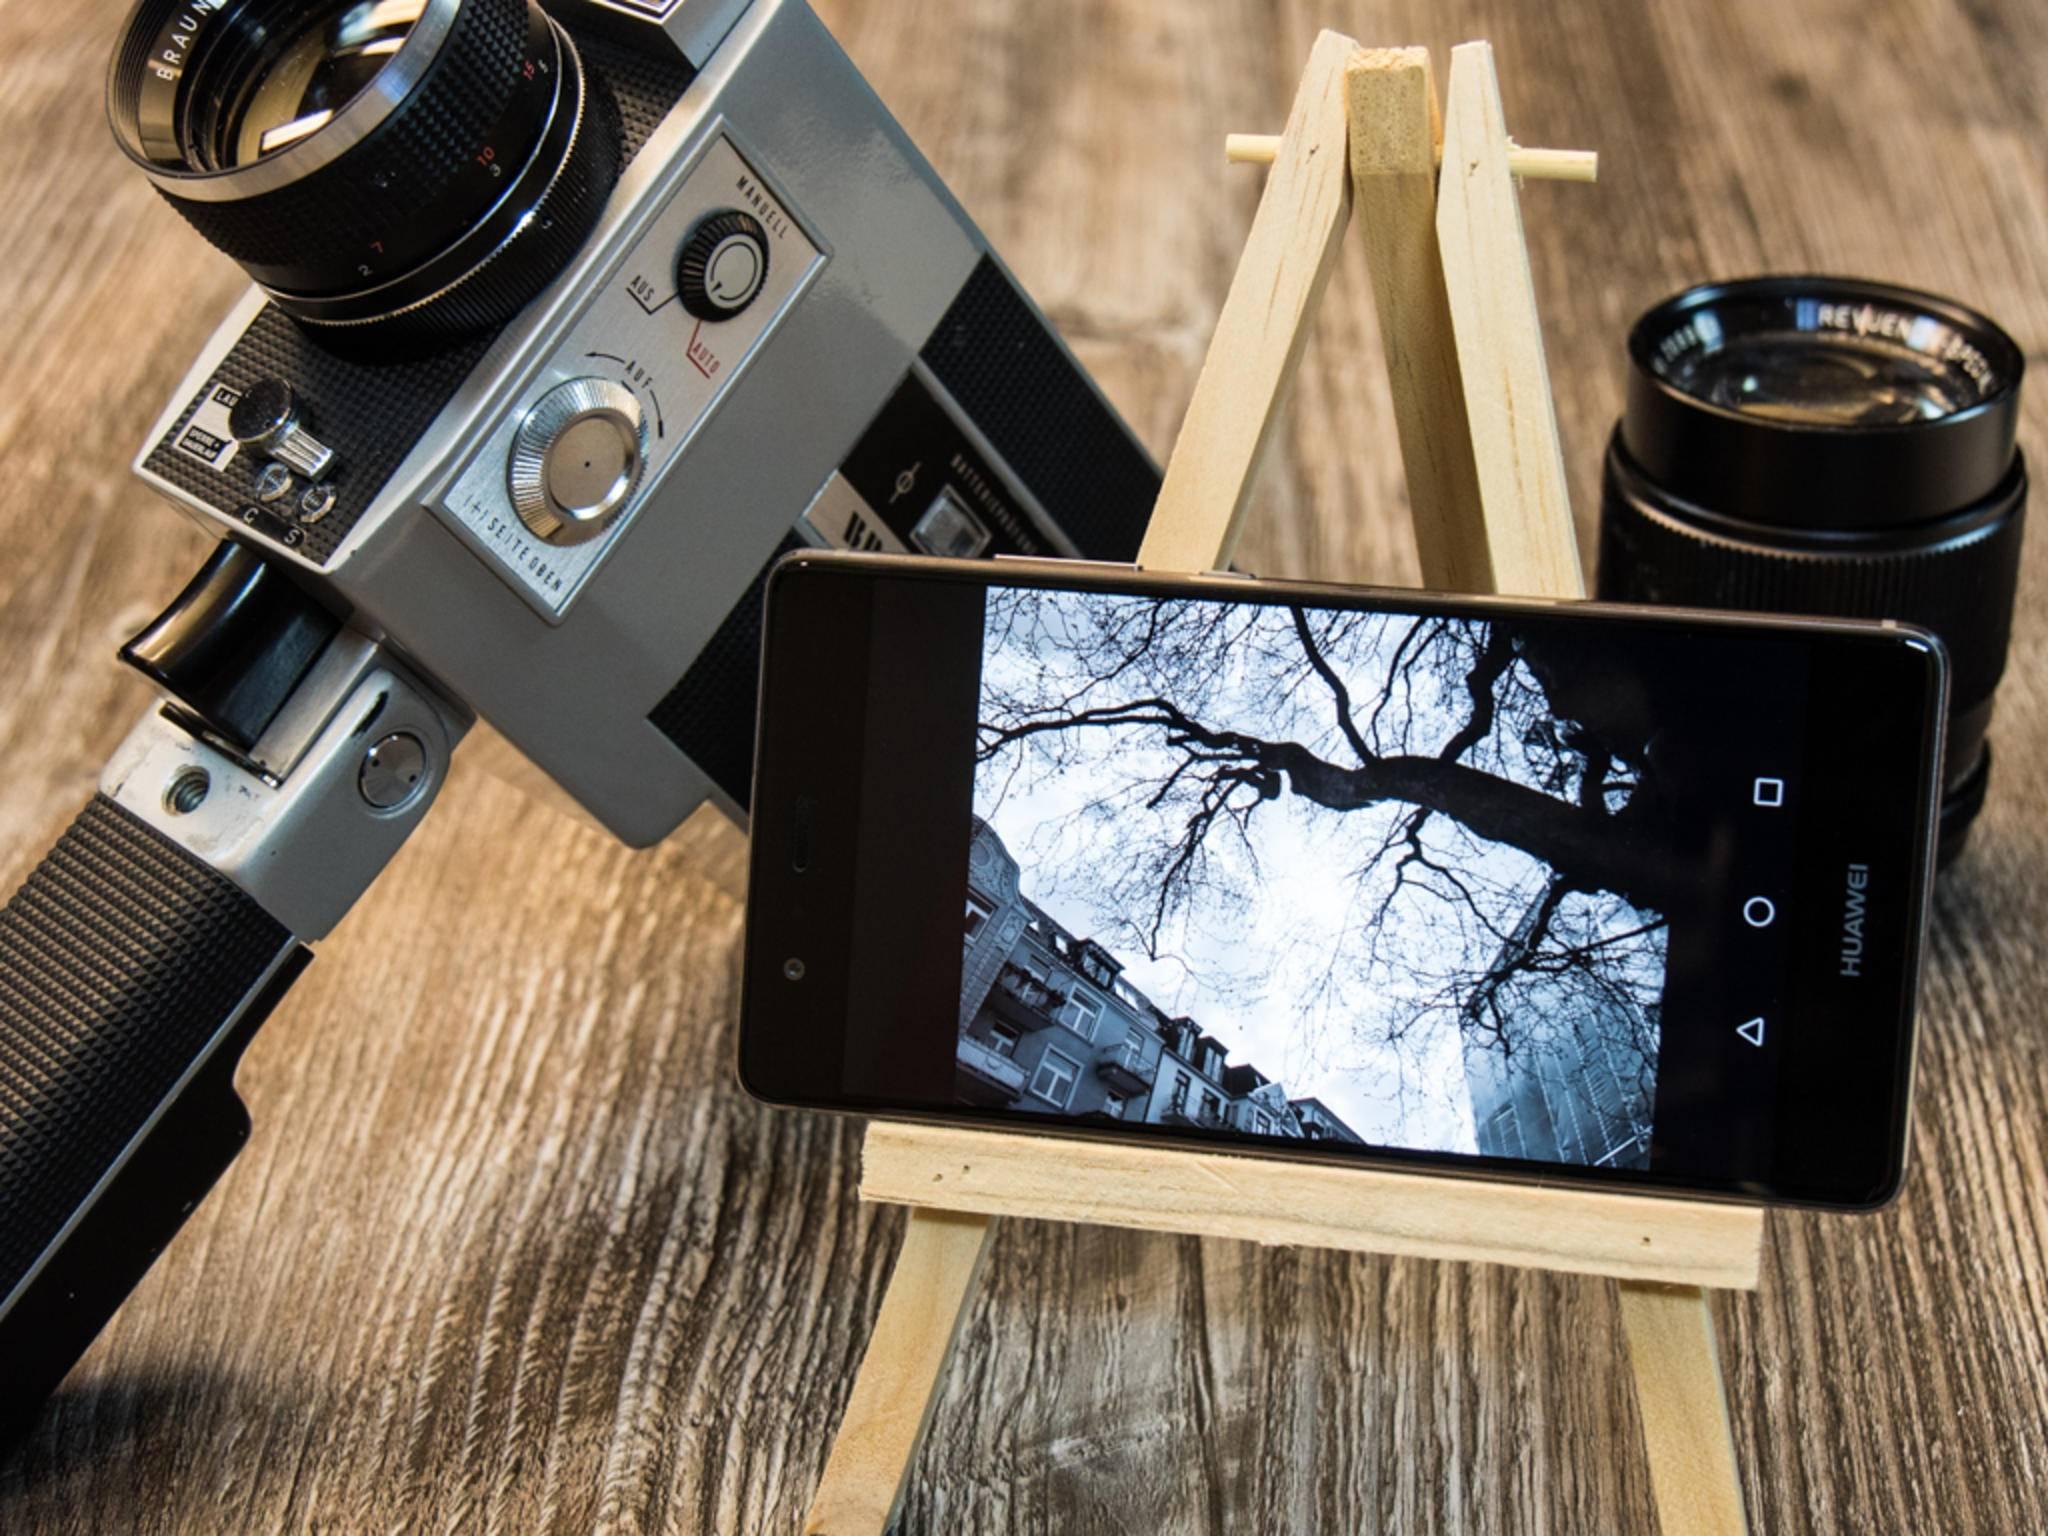 """""""In Zusammenarbeit mit Leica"""" prangt auf der Produktseite des Huawei P9."""